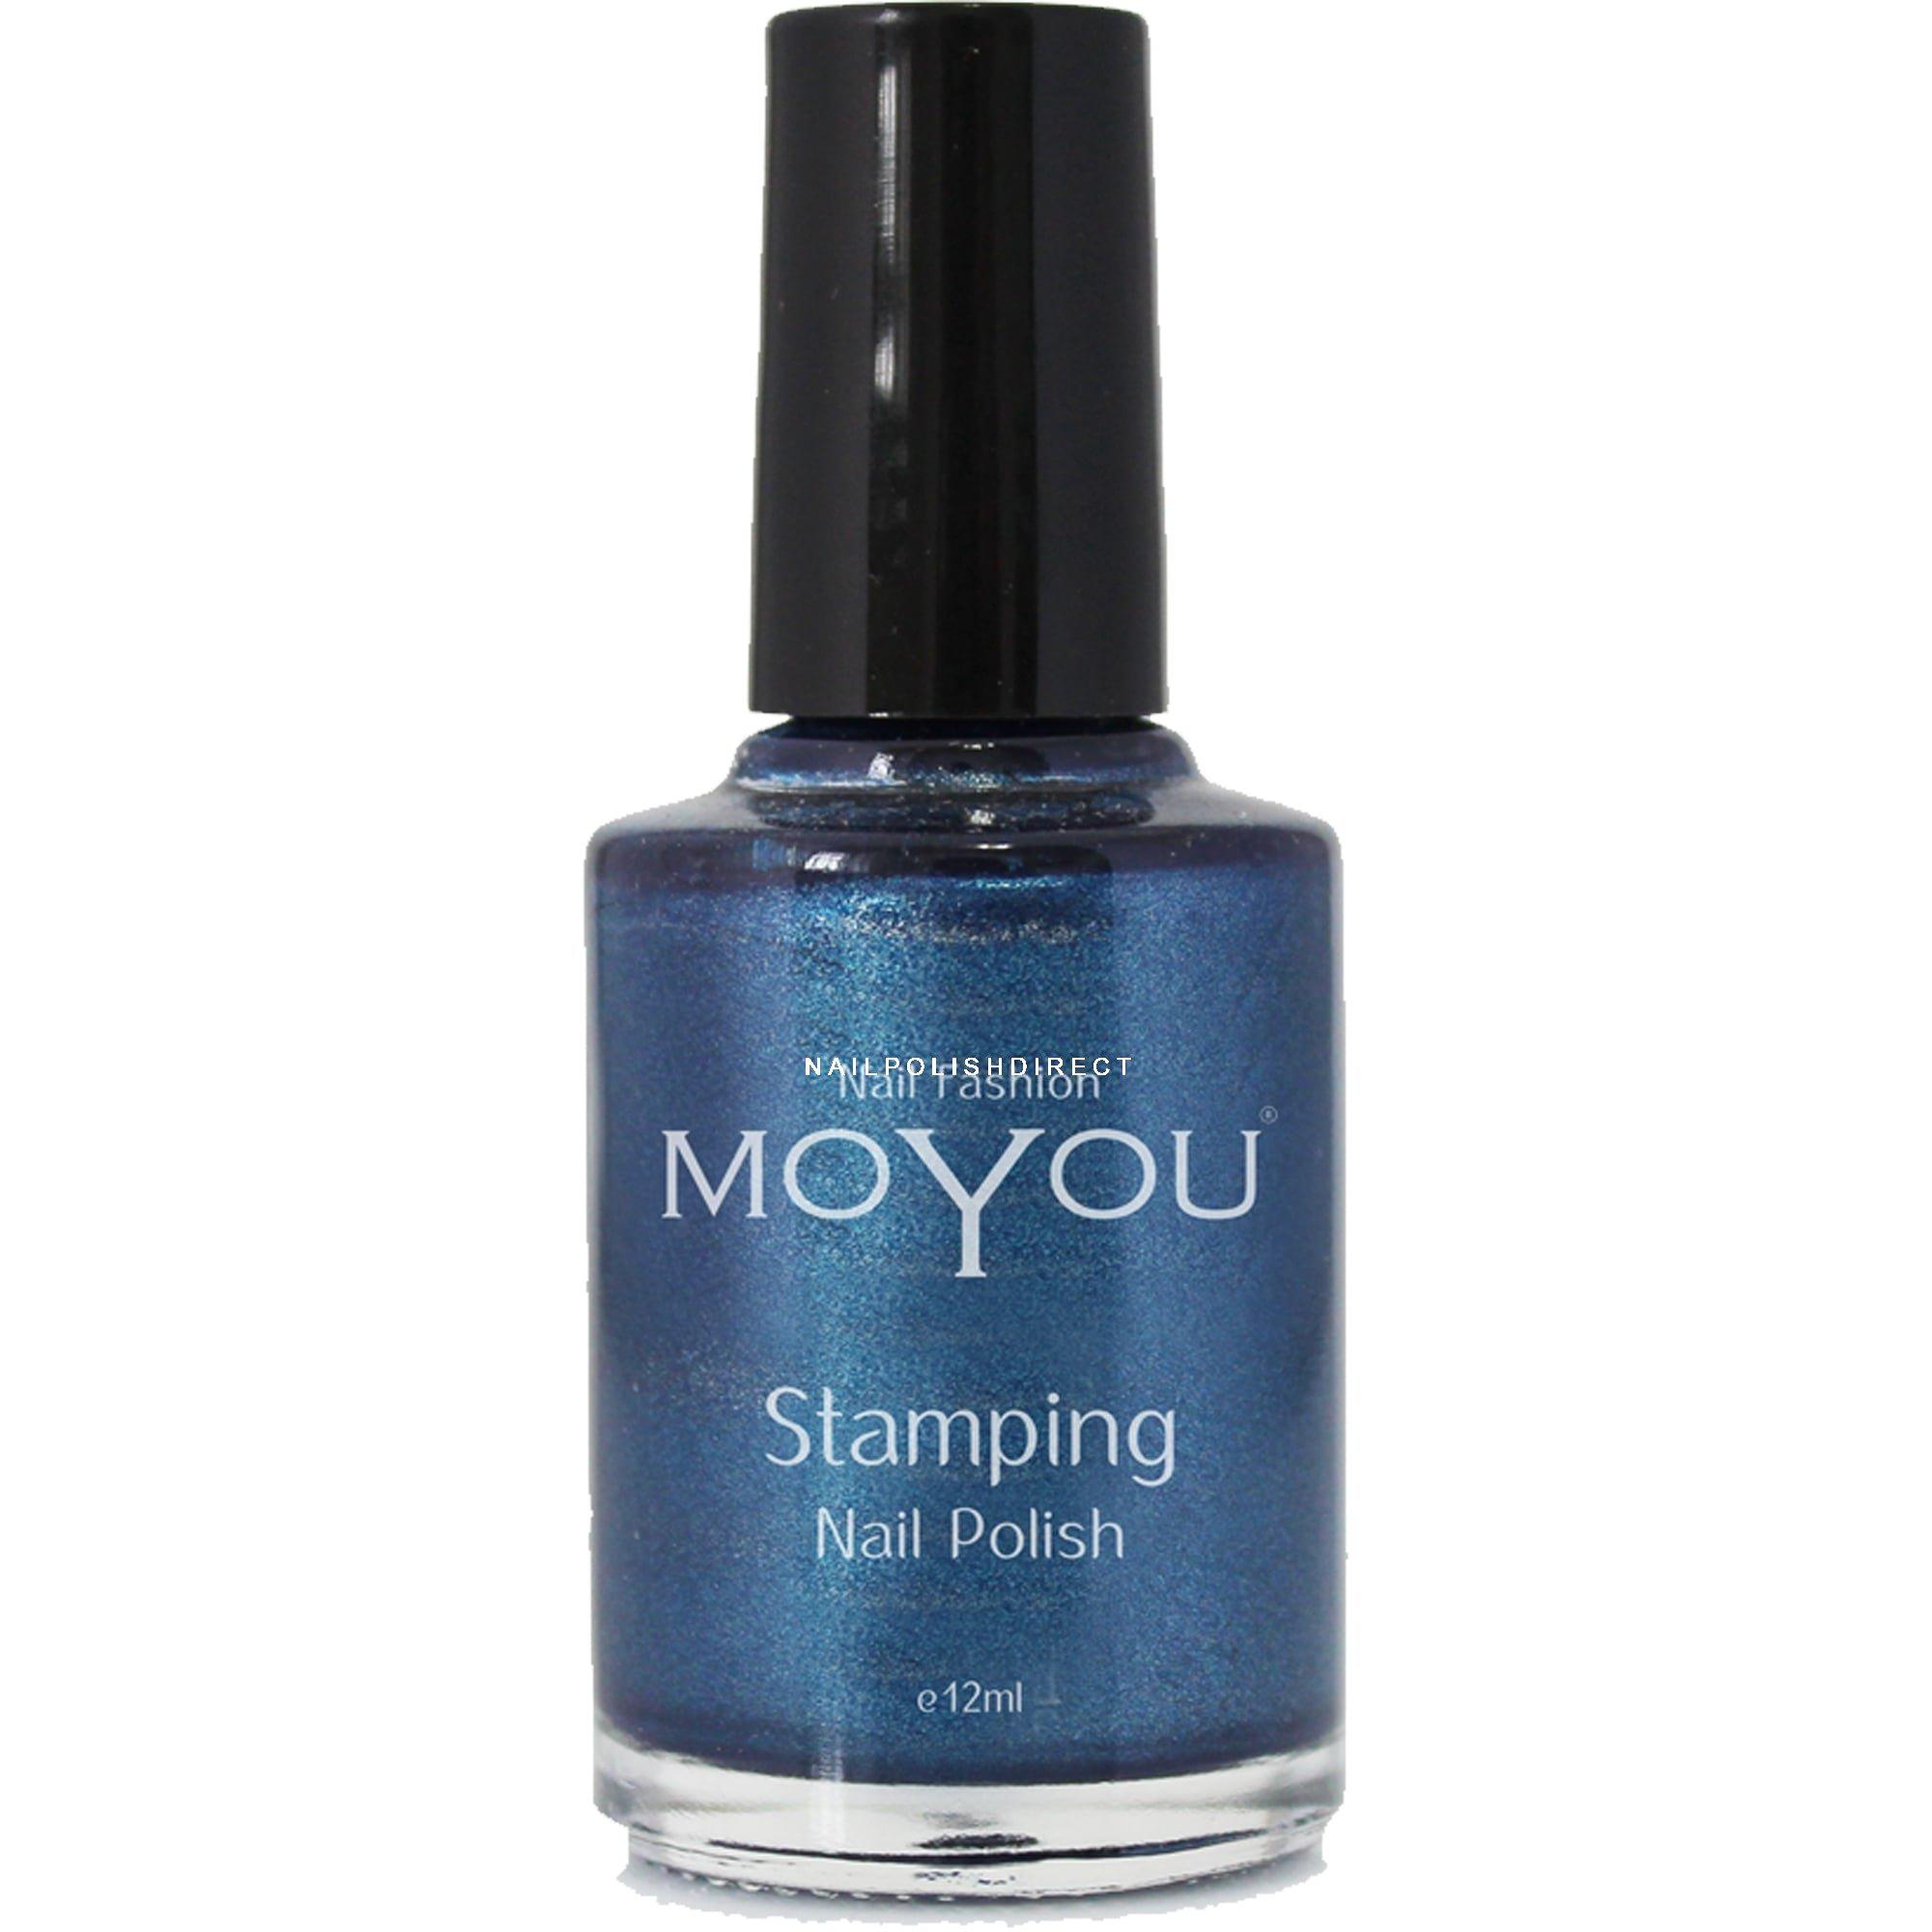 Blue Nail Varnish Uk: MoYou Stamping Nail Art